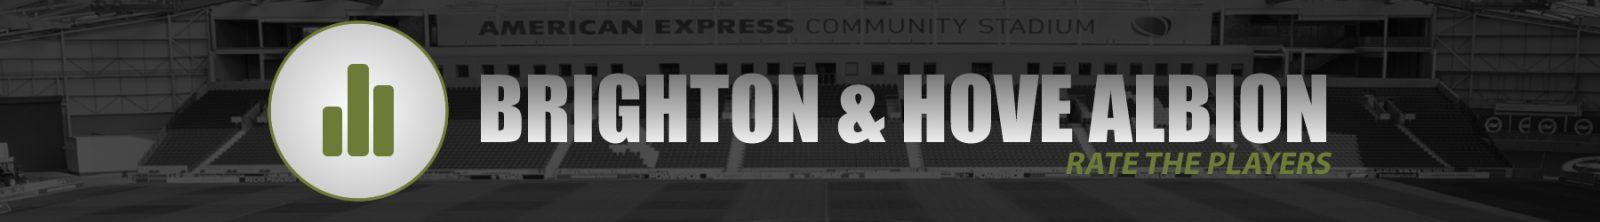 Rate Brighton & Hove Albion